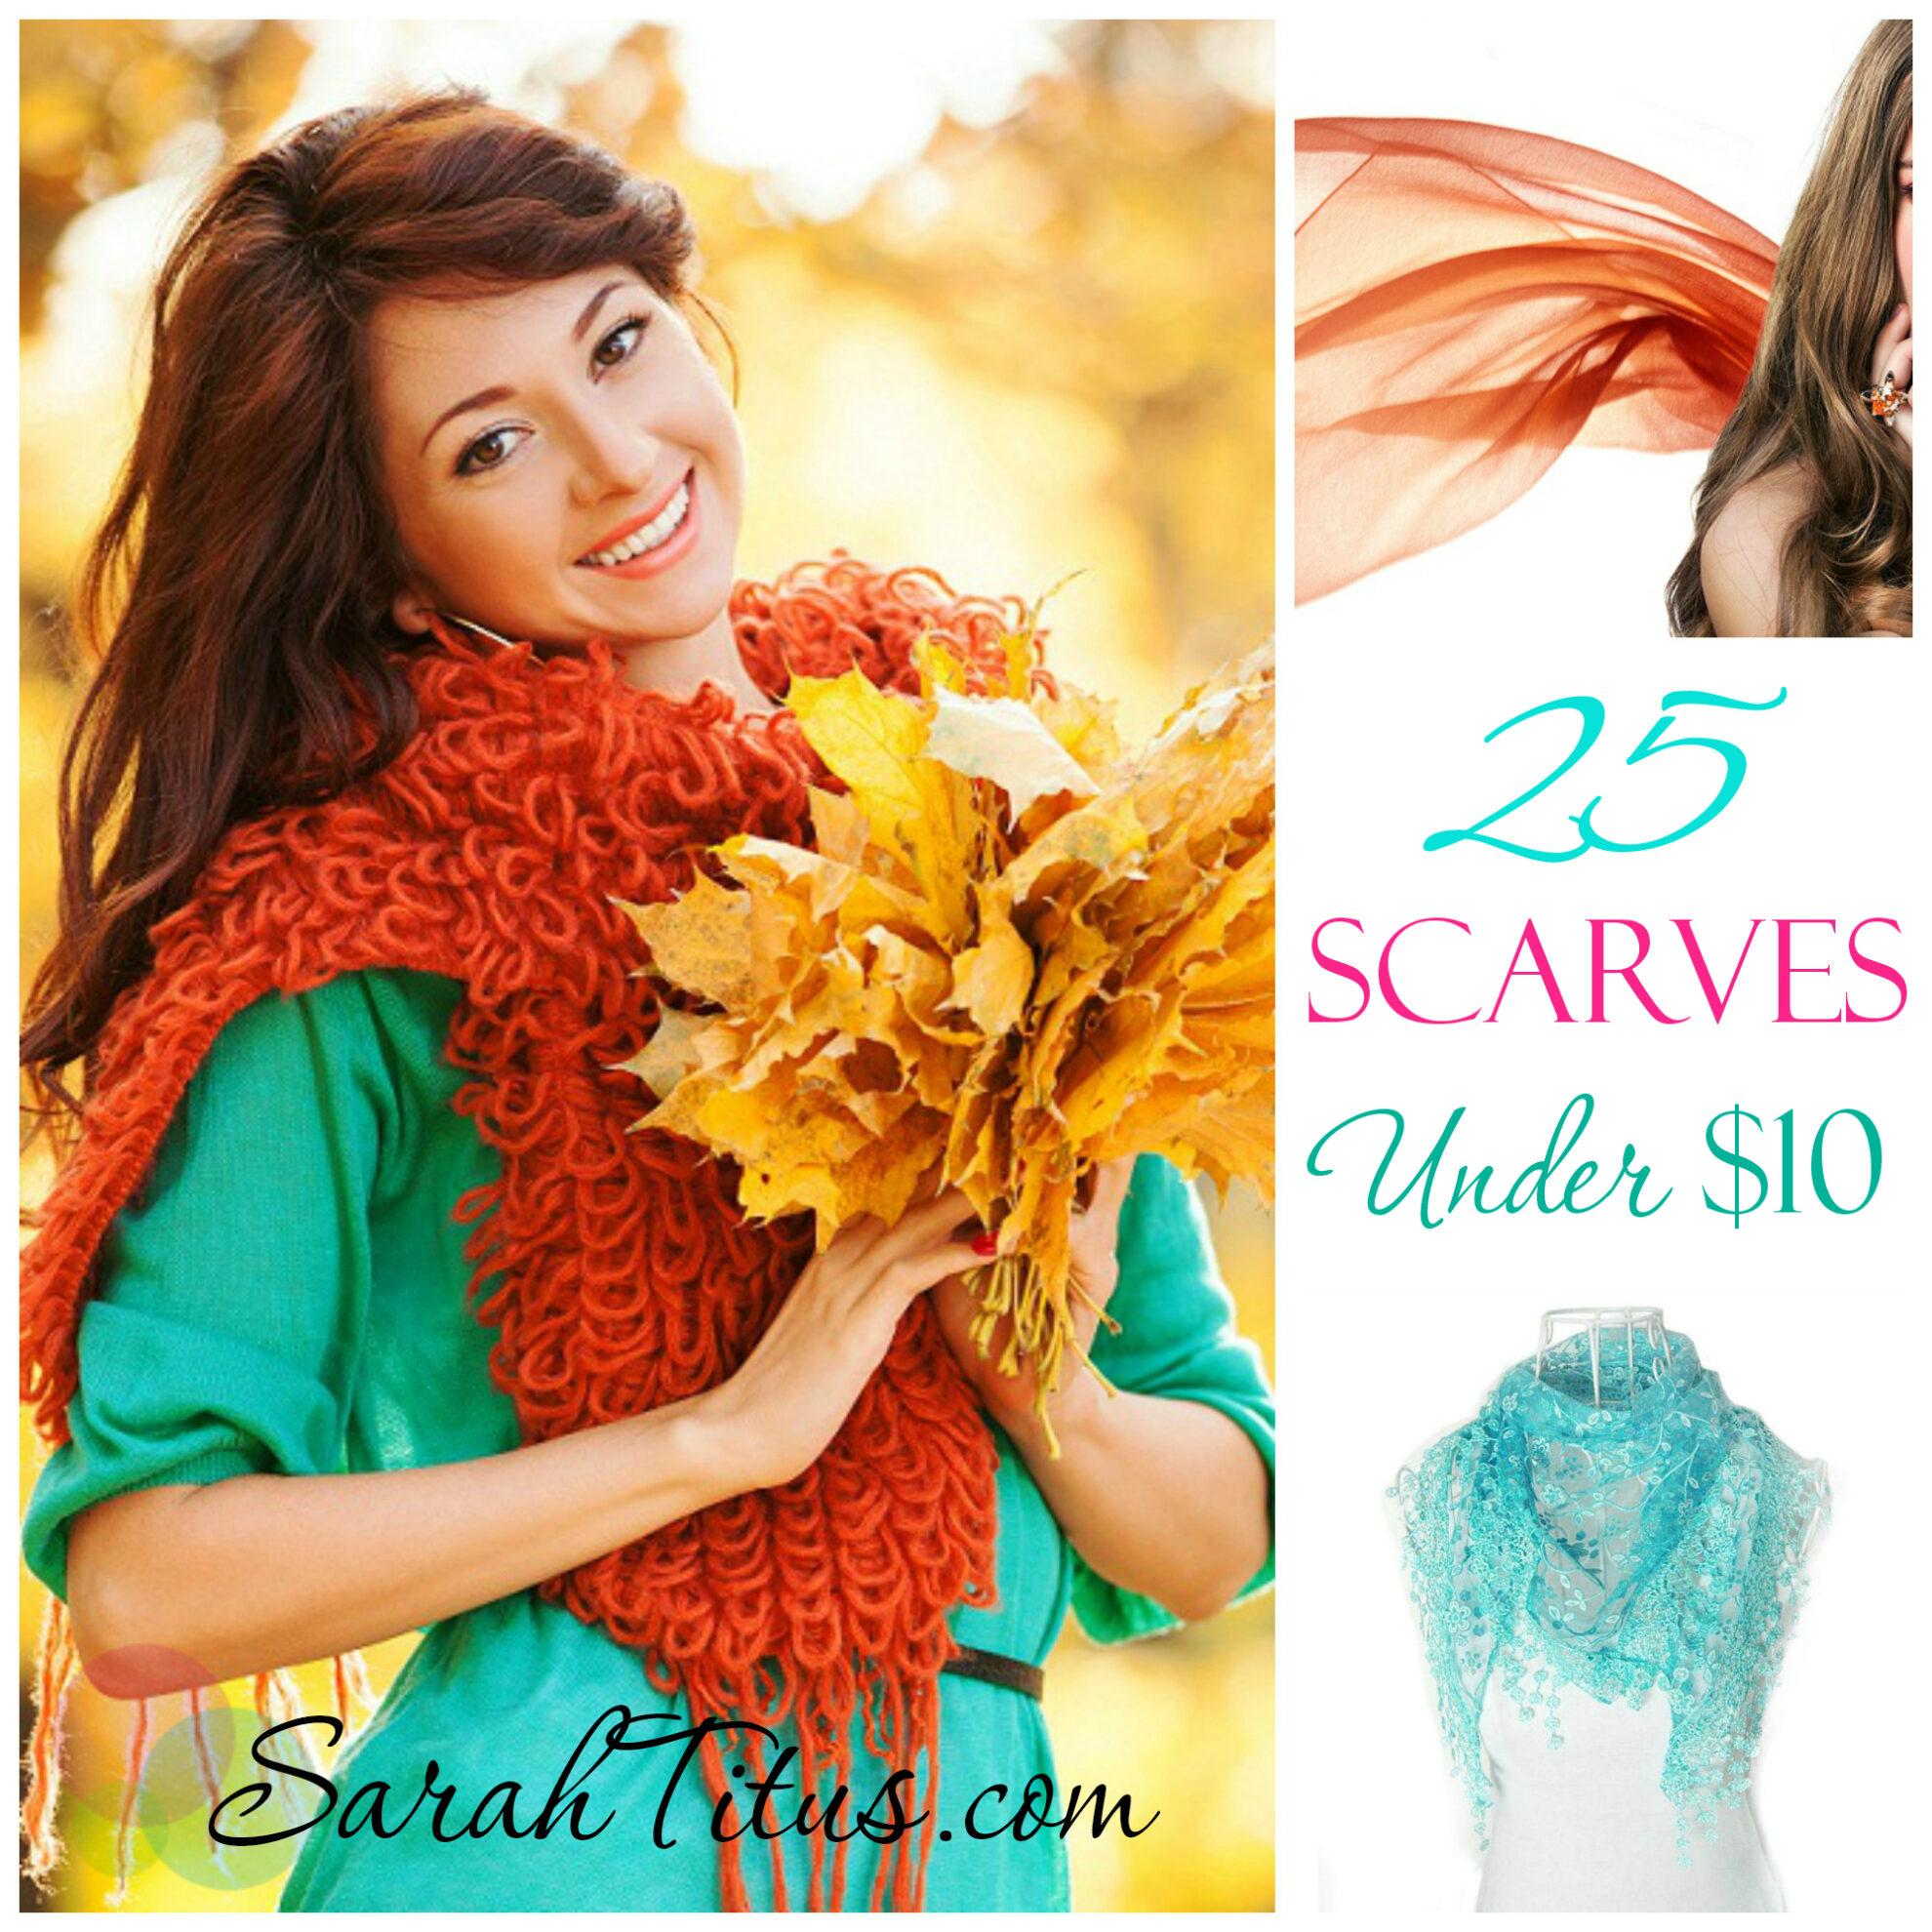 25 Scarves Under $10